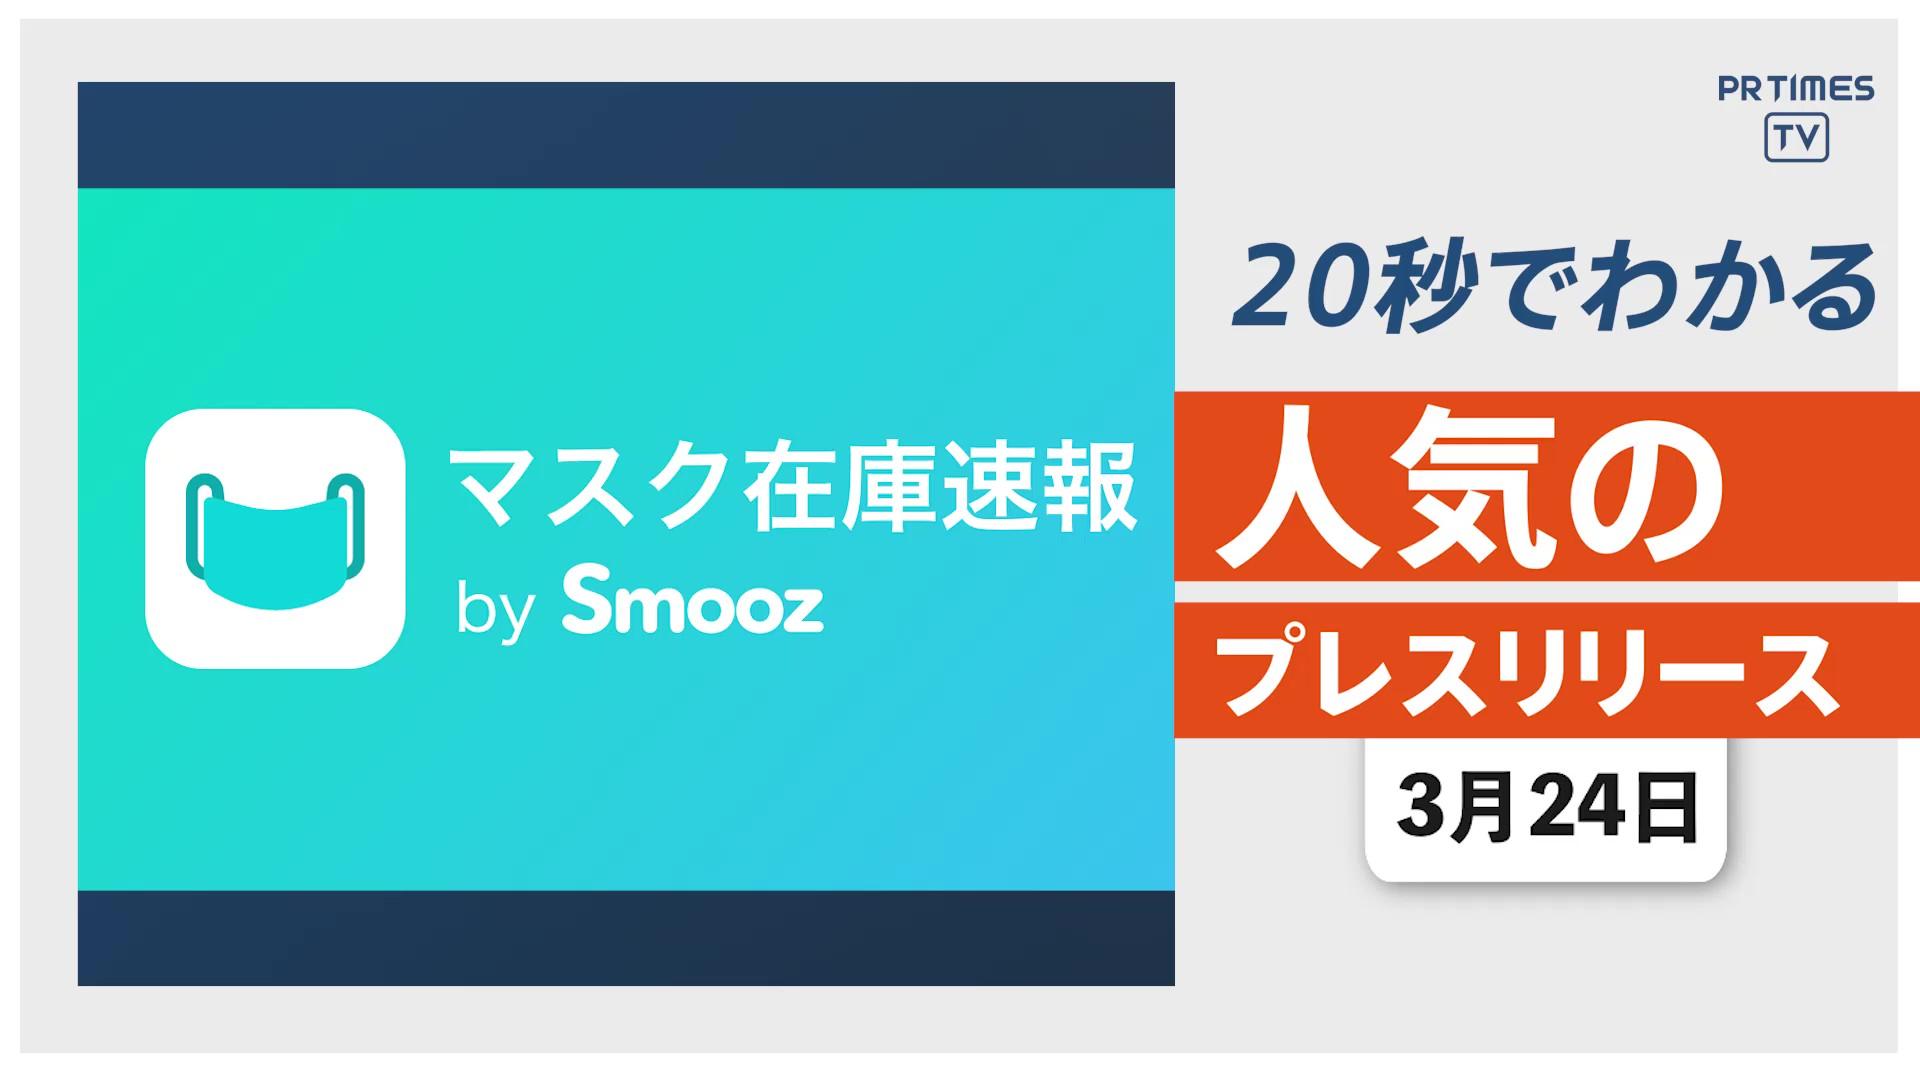 【ネット上のマスク在庫・価格情報を集約した ウェブサイトをリリース】他、新着トレンド3月24日